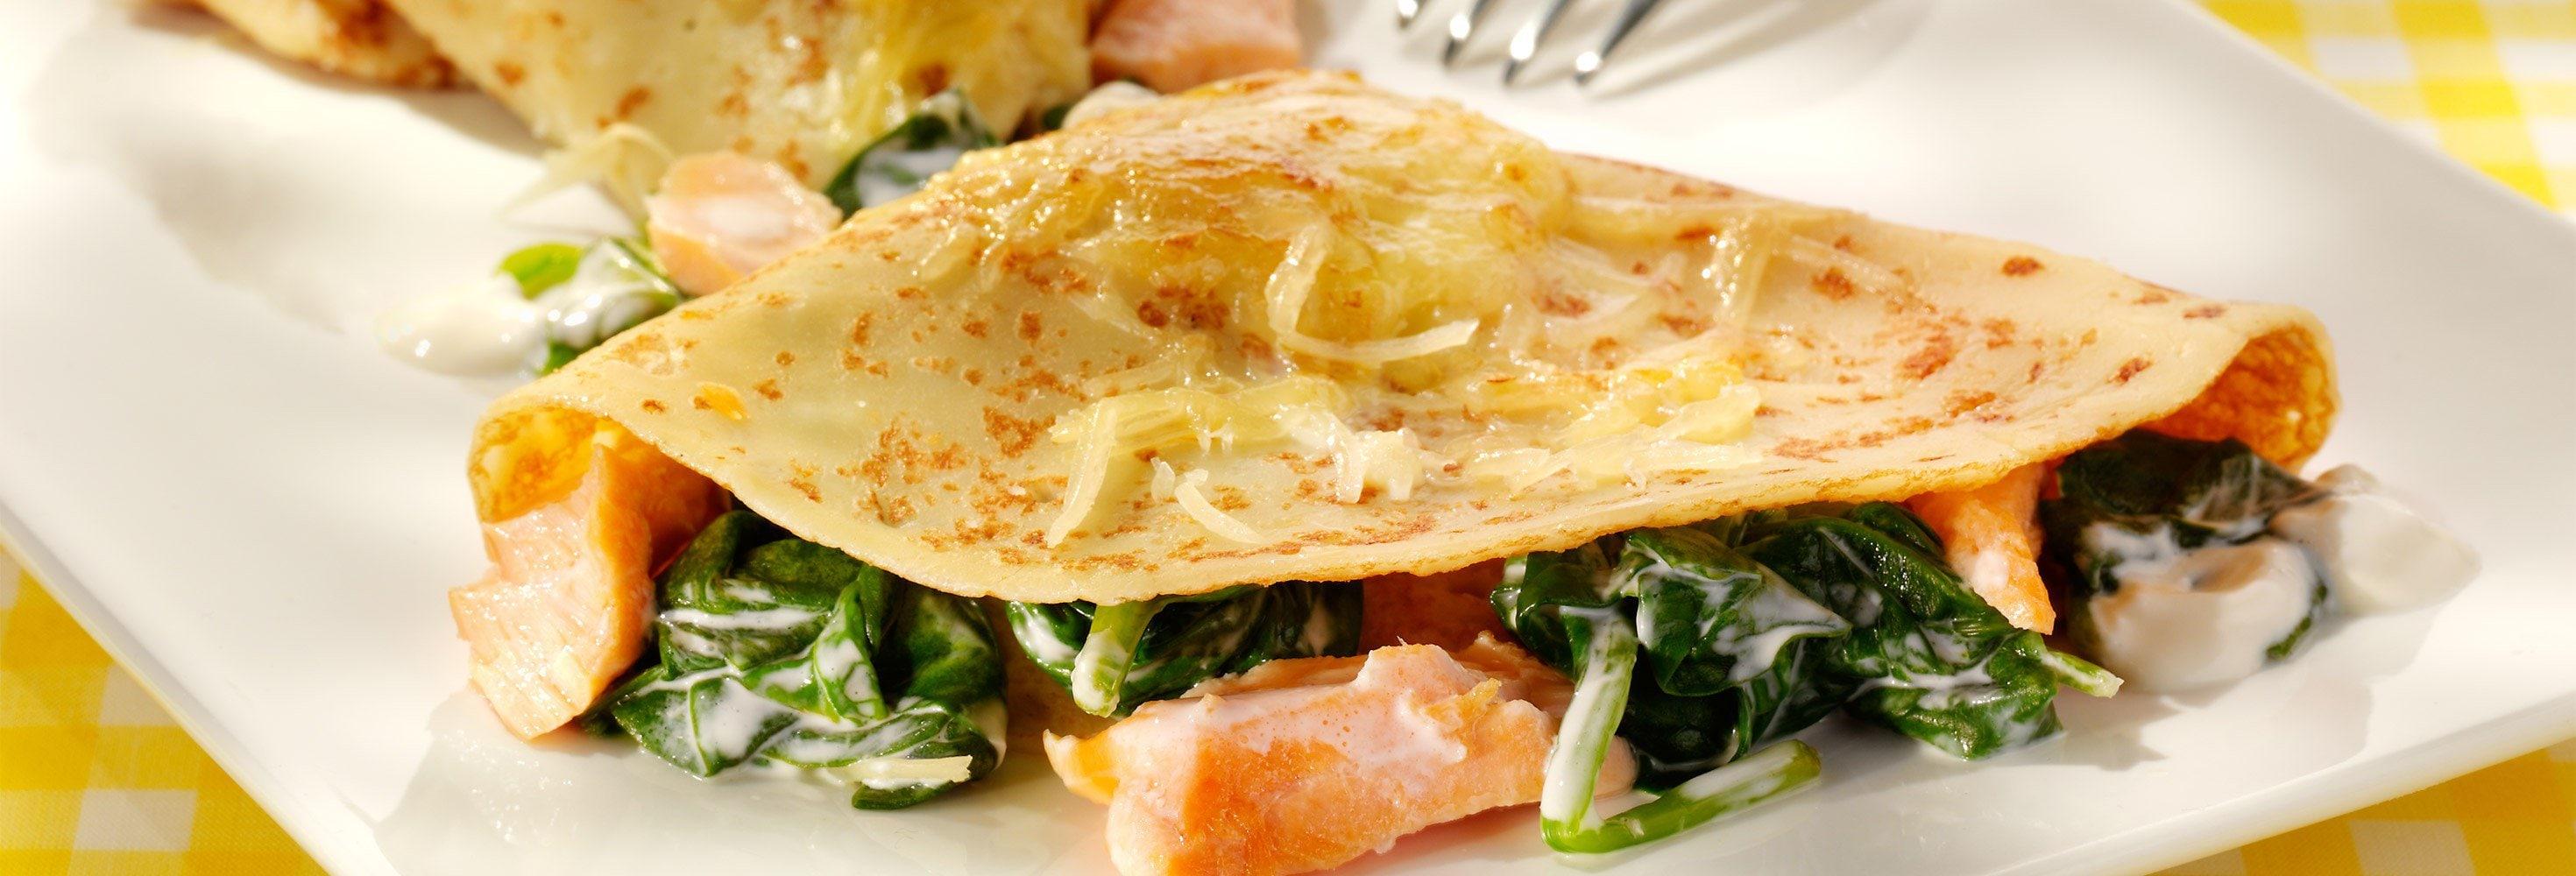 Hartige pannenkoeken met zalm en spinazie